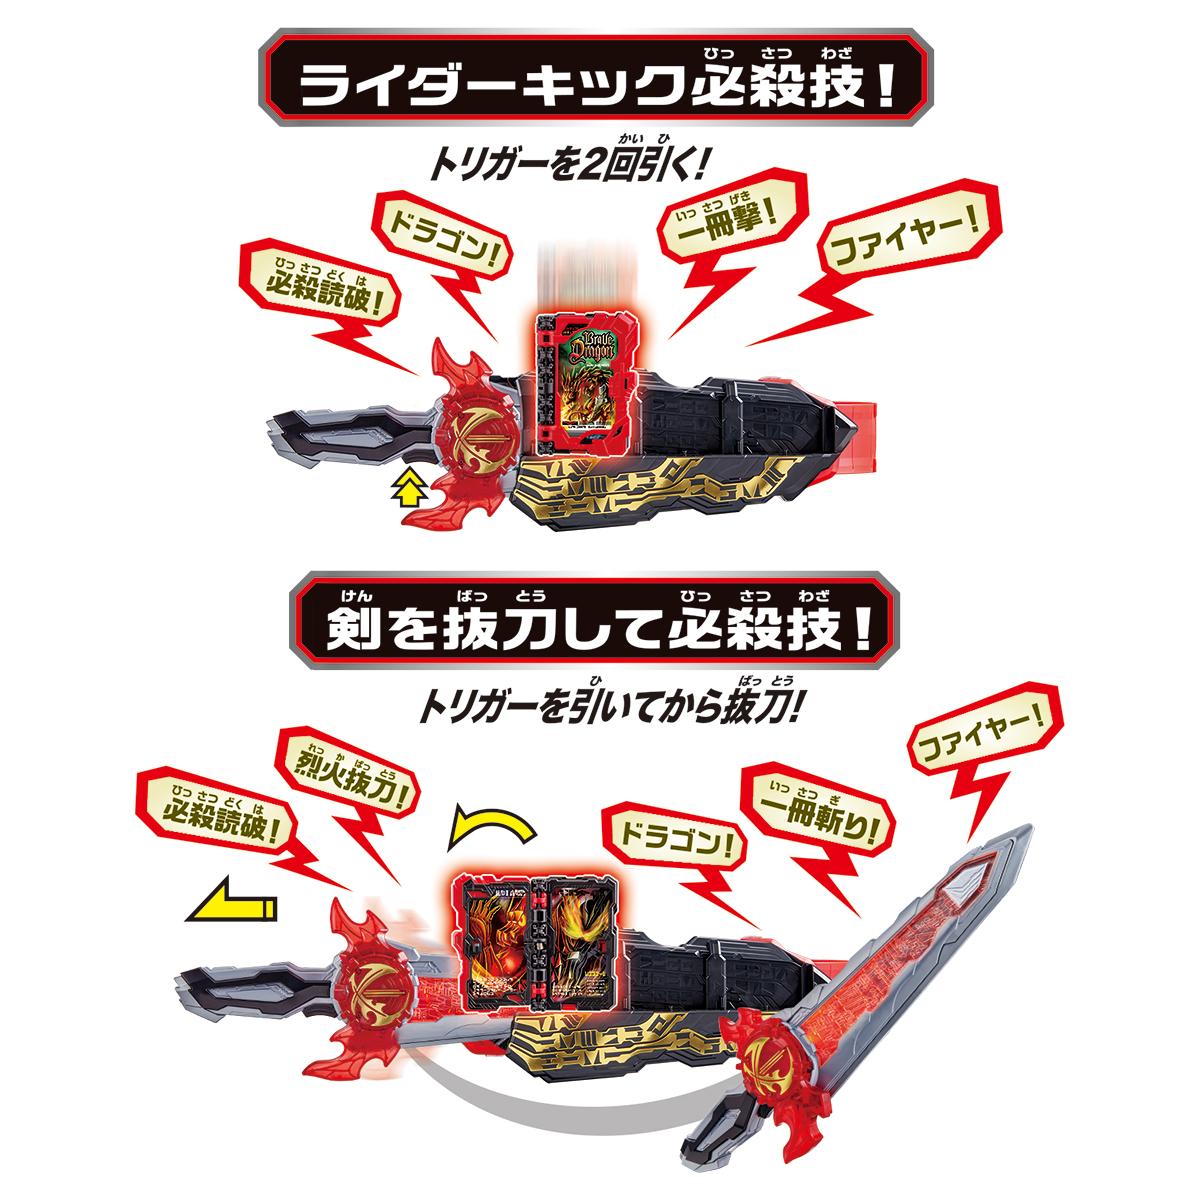 【先行抽選販売】変身ベルト『DX聖剣ソードライバー』仮面ライダーセイバー 変身なりきり-005